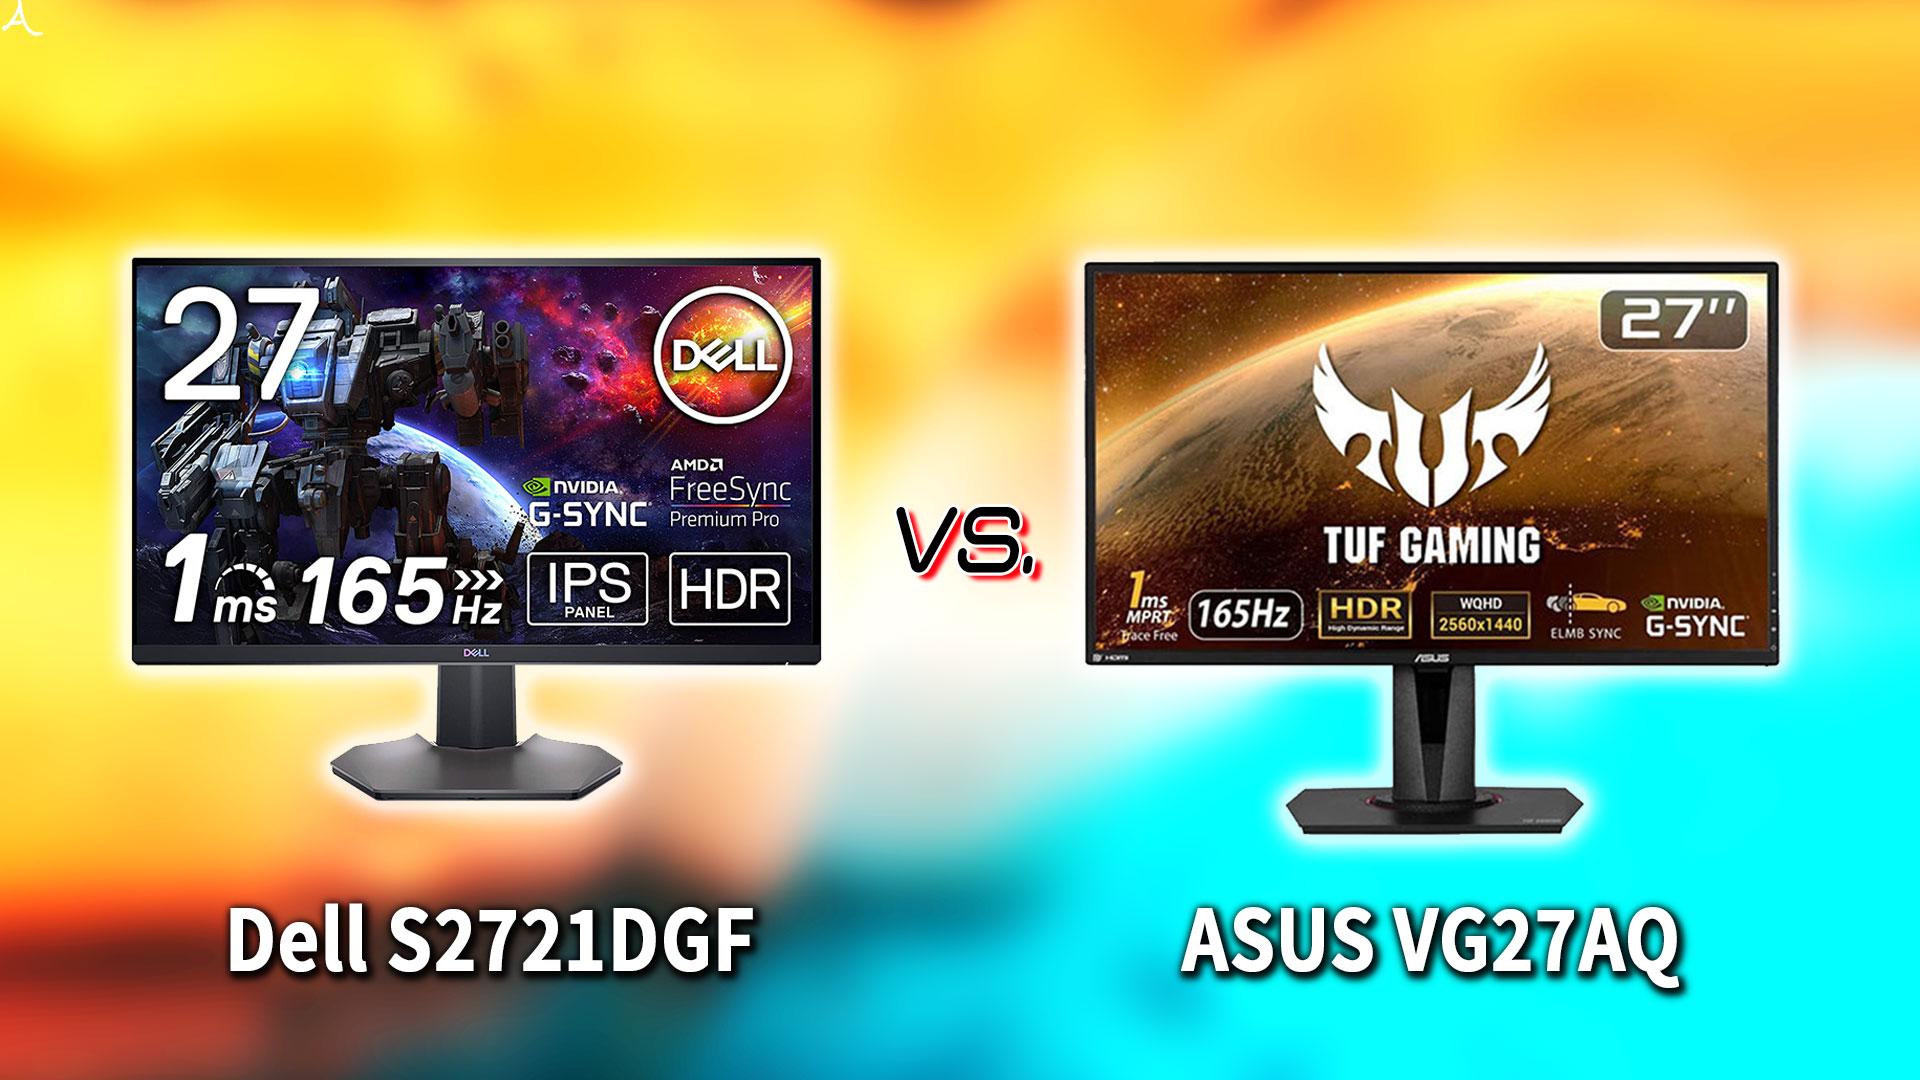 「Dell S2721DGF」と「ASUS VG27AQ」の違いを比較:どっちを買う?